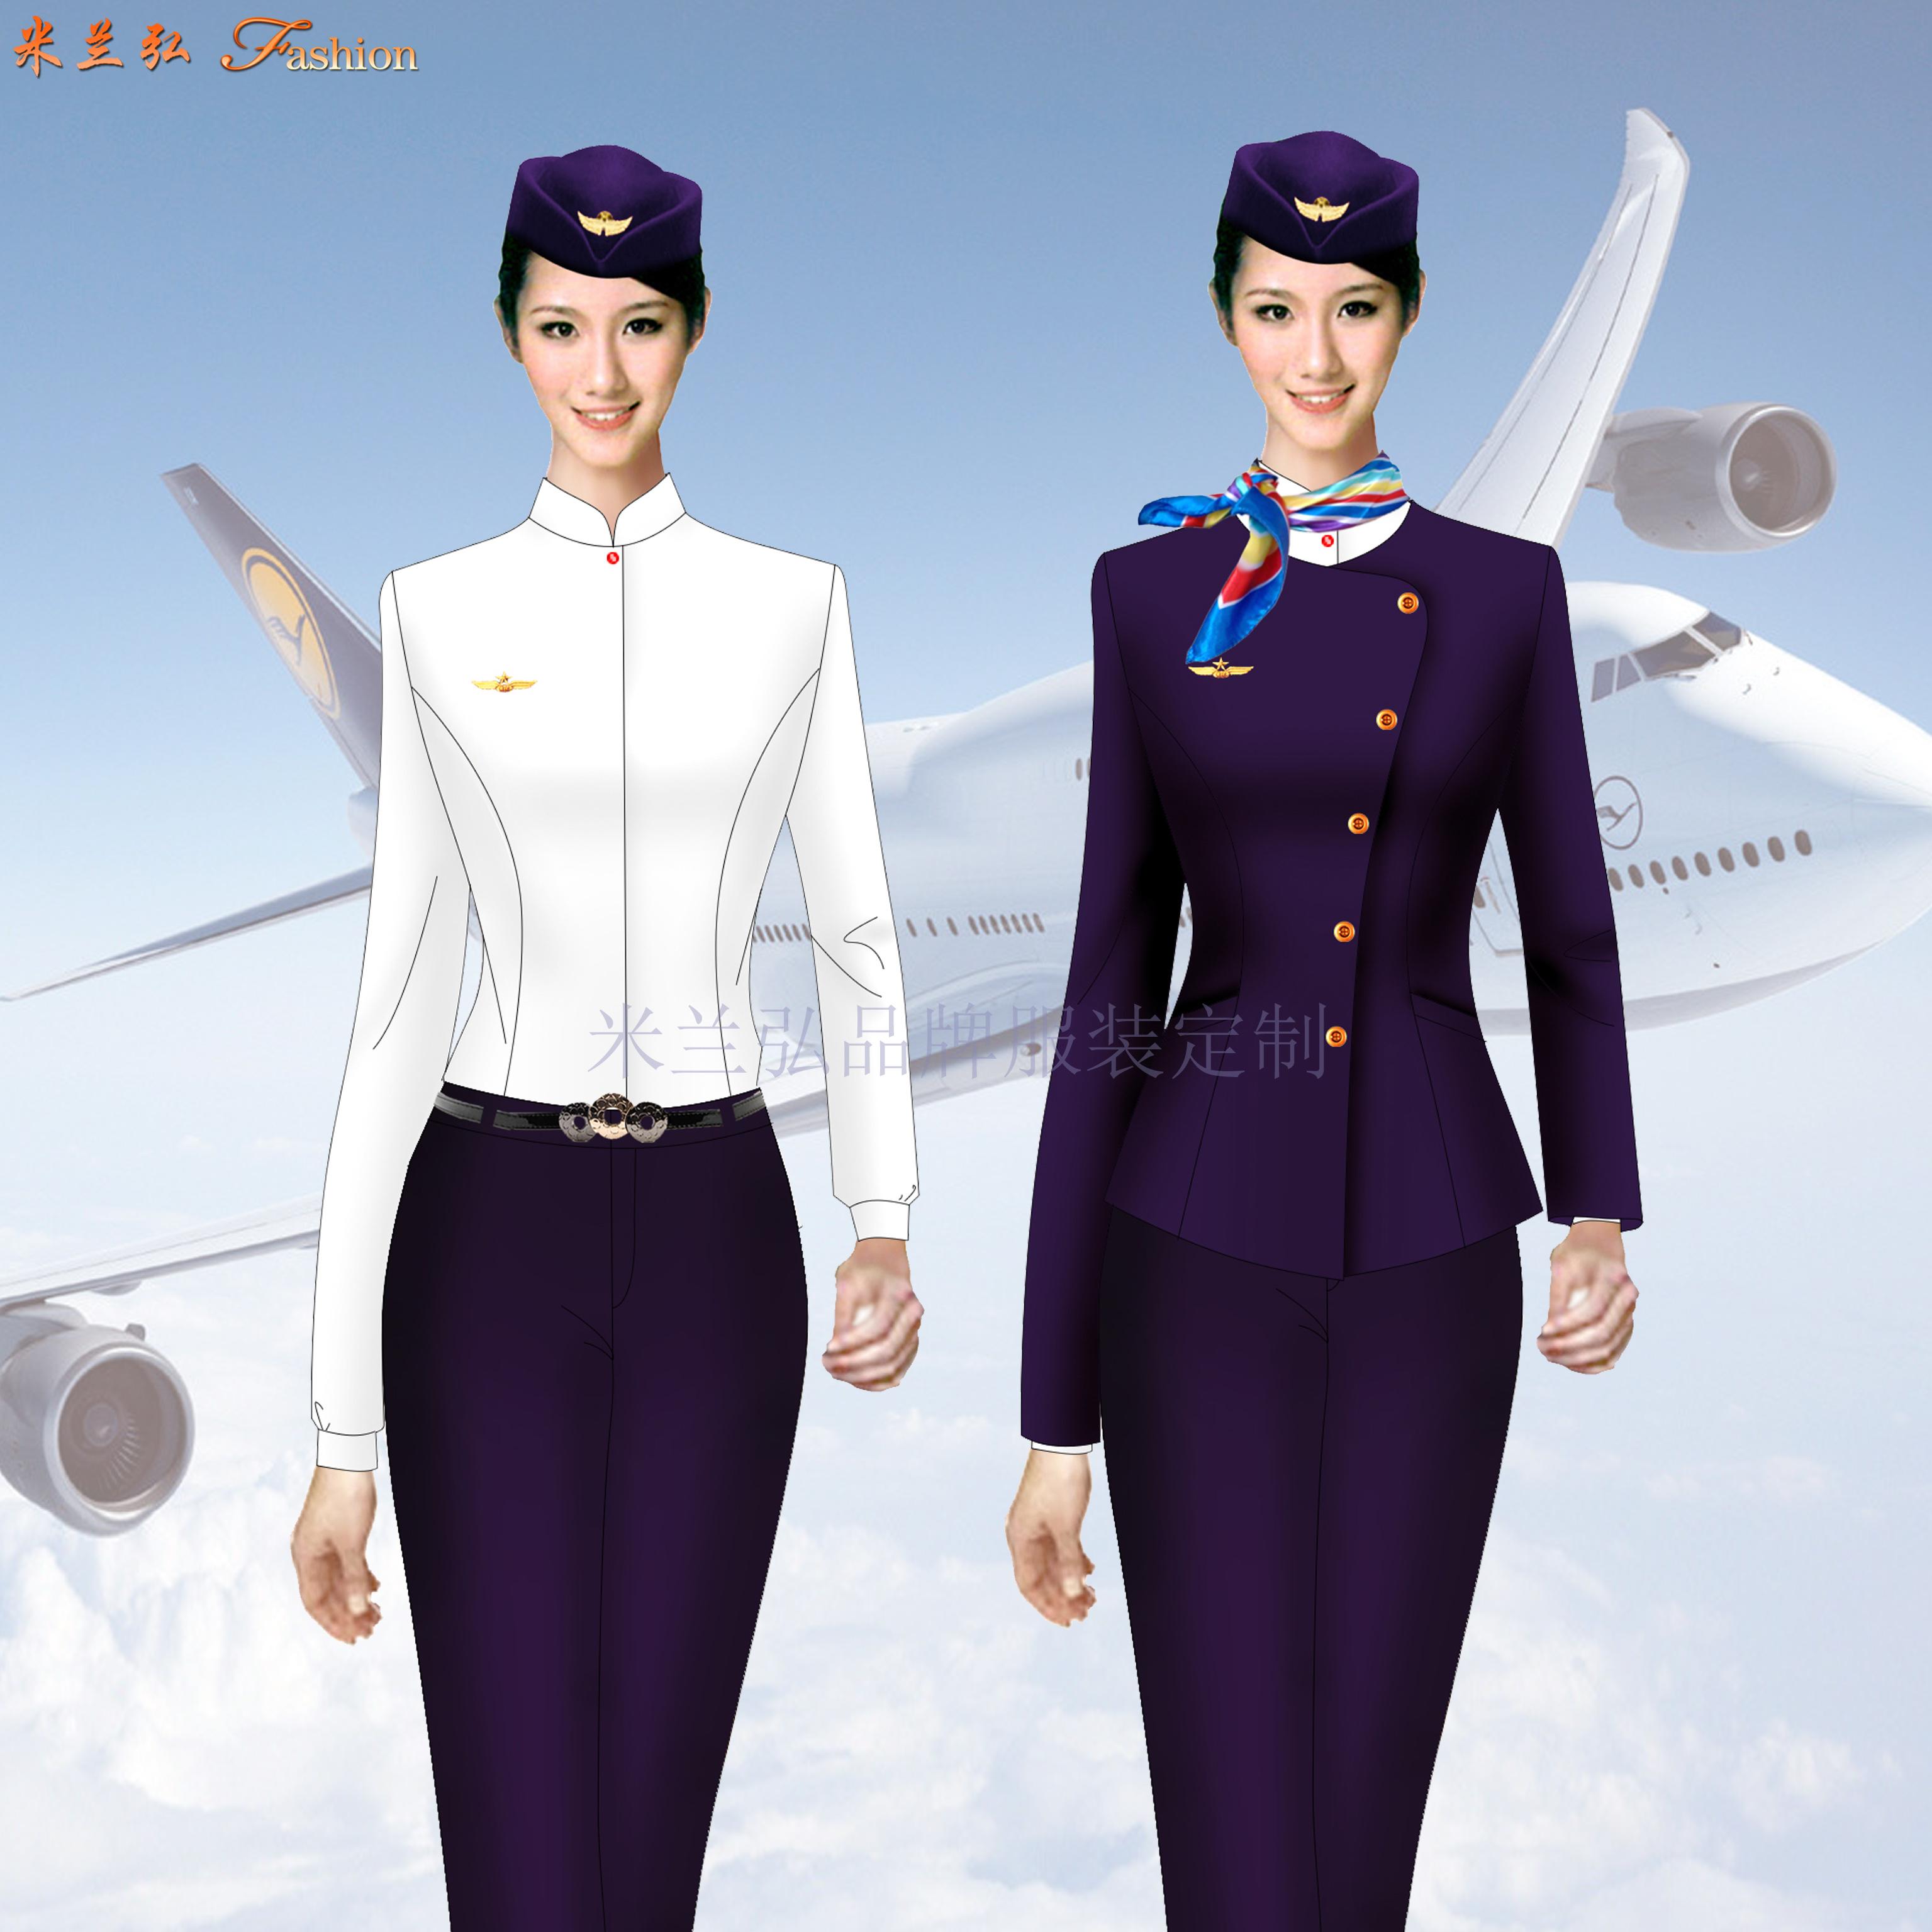 四川空姐服定制-四川空姐服定做價格-米蘭弘服裝-5